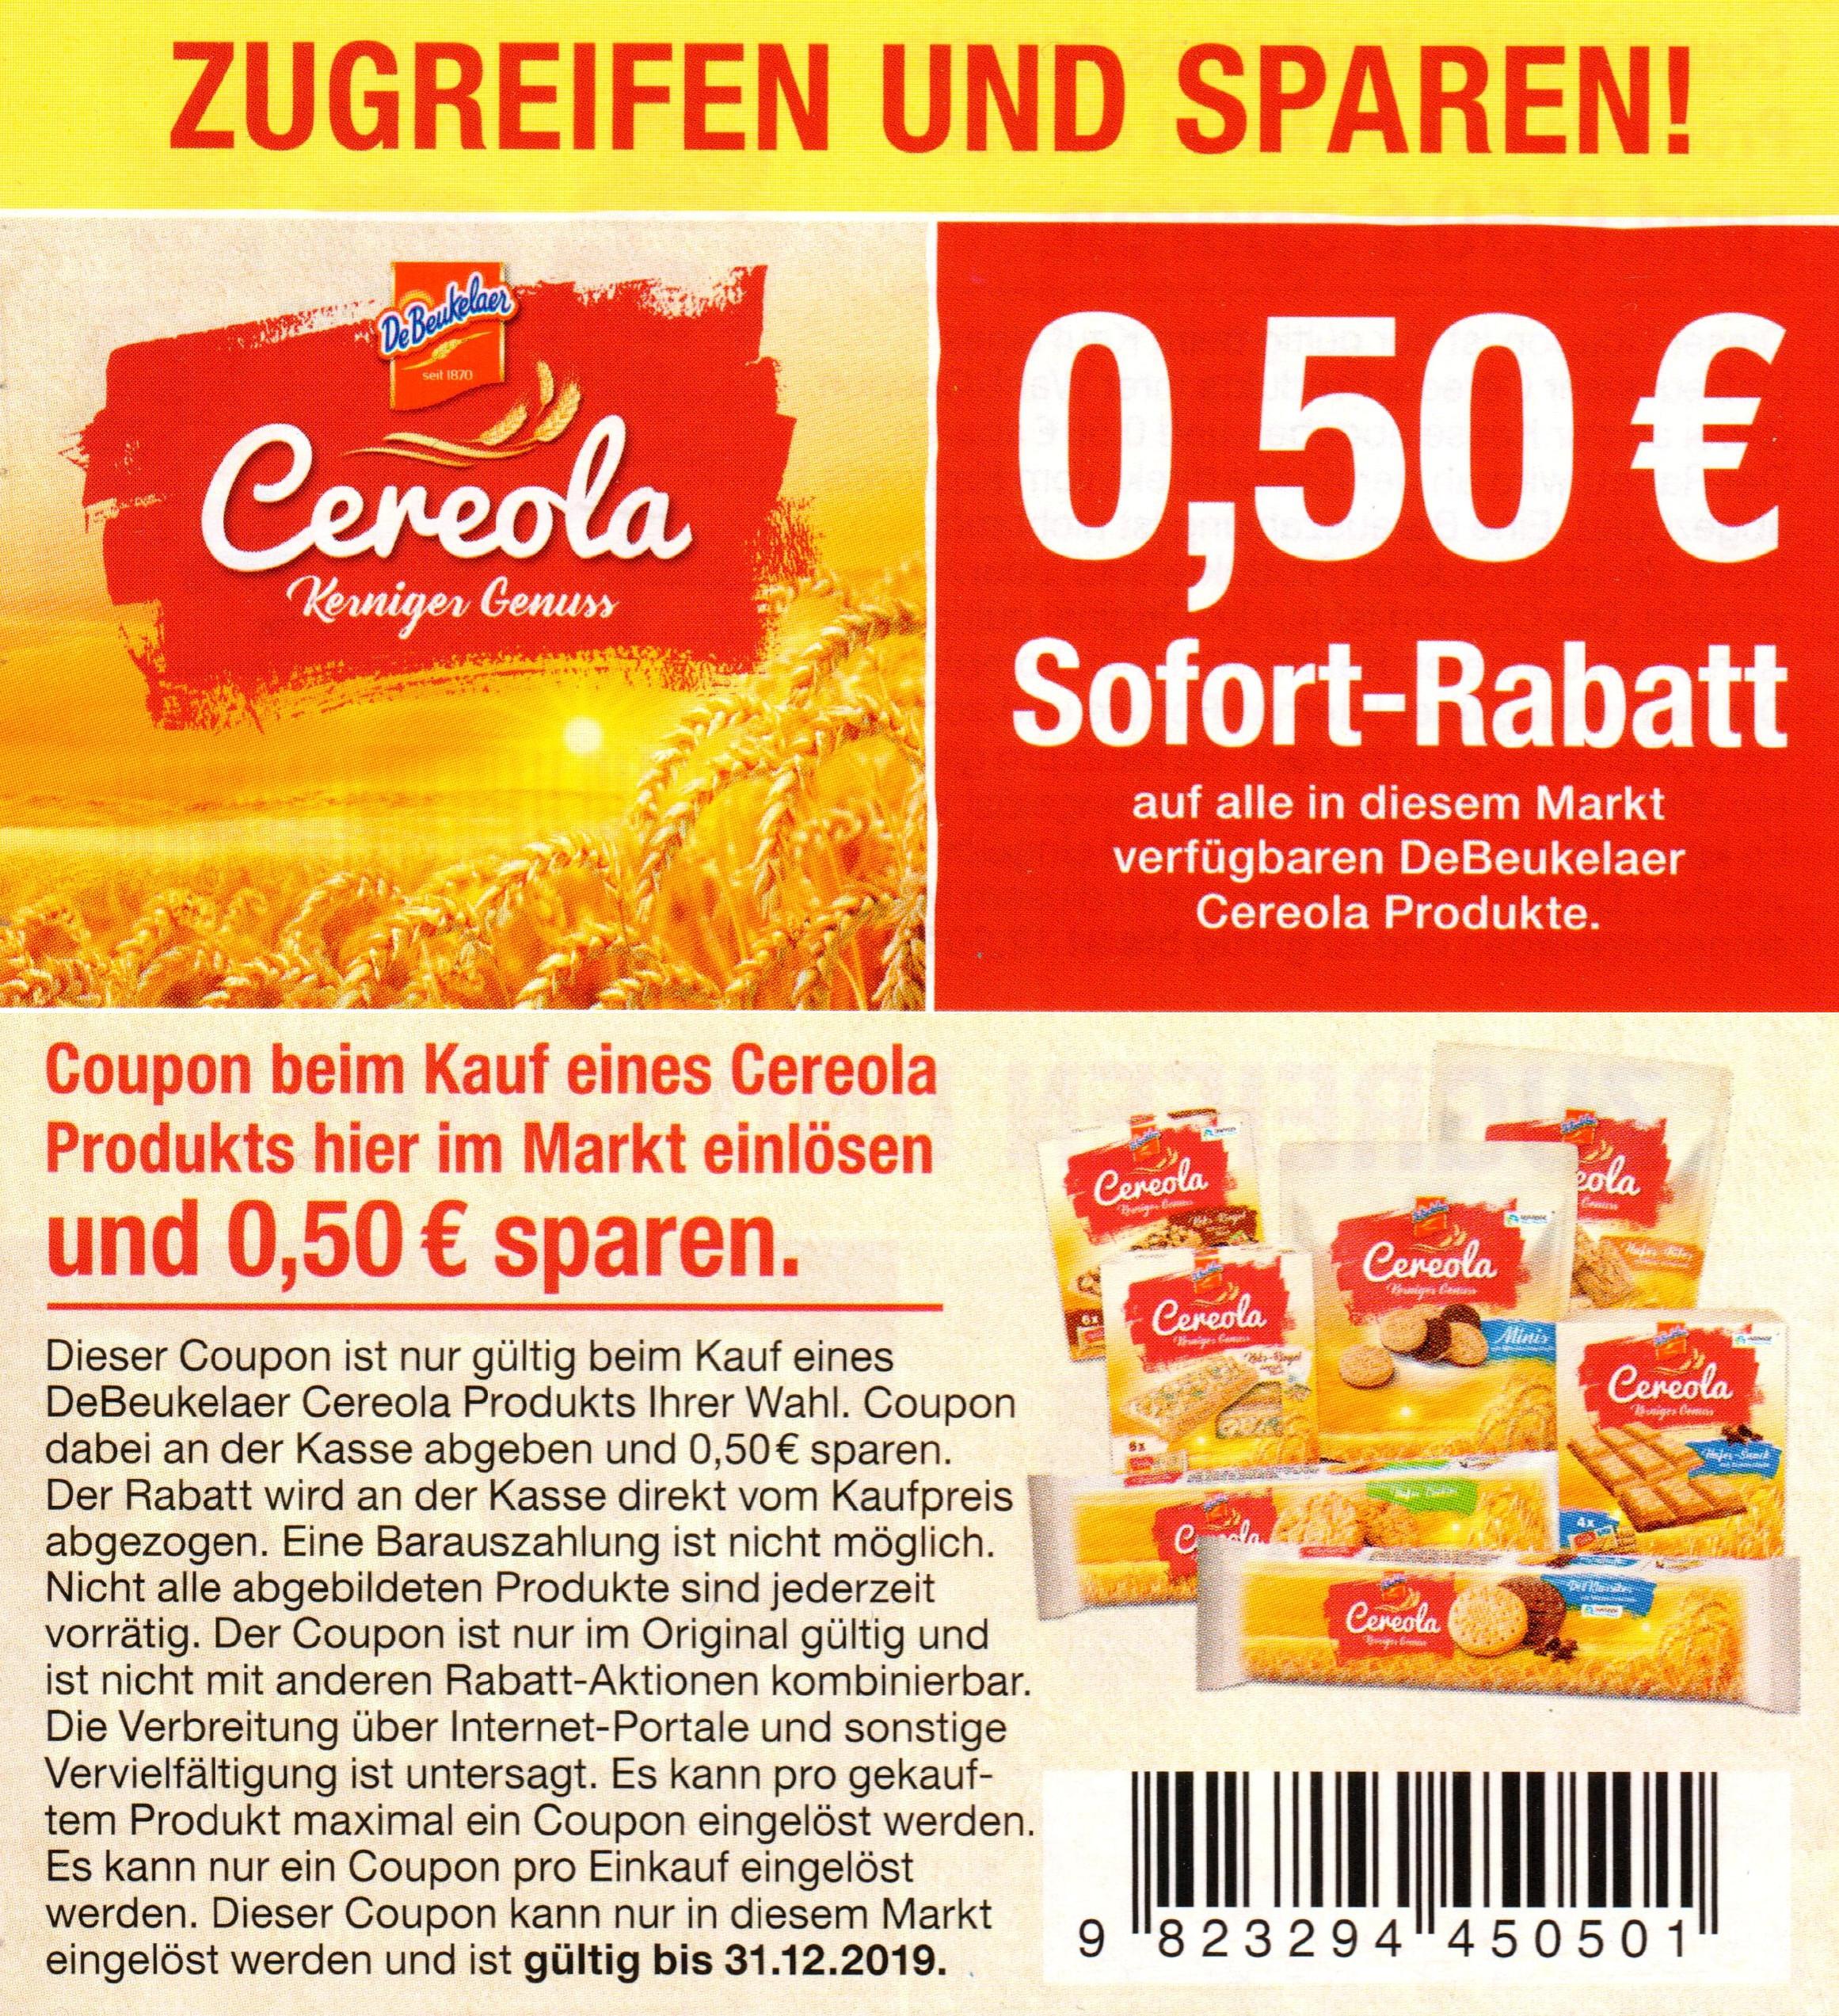 0,50€ Rabatt Coupon für den Kauf eines DeBeukelaer Cereola Produktes bis 31.12.2019